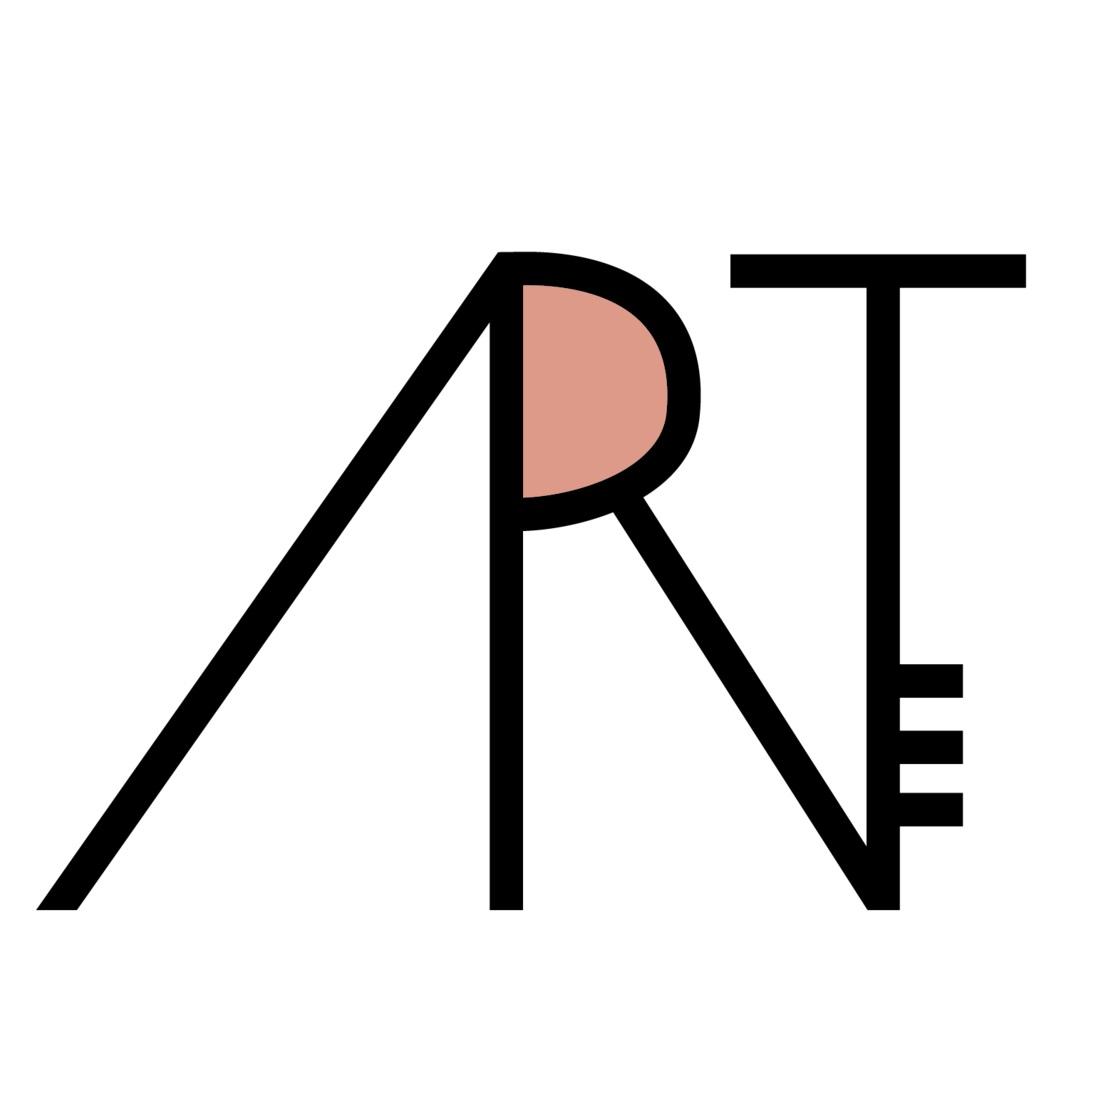 Arte - Olen aina ollut innokas piirtäjä ja maalaaja. Olen aina tykännyt siitä, kun saan nähdä kädenjälkeni omin silmin, ja se tuntuu aika palkitsevalta. Myös yrittäjyys on kiehtonut minua jo kauan, mutta se on vain tuntunut niin kaukaiselta ajatukselta.Halusin kokeilla yrittäjyyttä taideyrityksen muodossa. Arte on siis taideyritys, jolta voi tilata monenlaisia taideteoksia. Mukaan mahtuu muotokuvia, sisustustekstejä, tauluja ja onnittelu- sekä postikortteja. Taidetta voidaan suunnitella yhdessä asiakkaan kanssa, jotta hän saa juuri omaan sisustukseensa sopivan kuvan vaikkapa omasta mökistään.Arte löytyy Instagramista @arte.anni